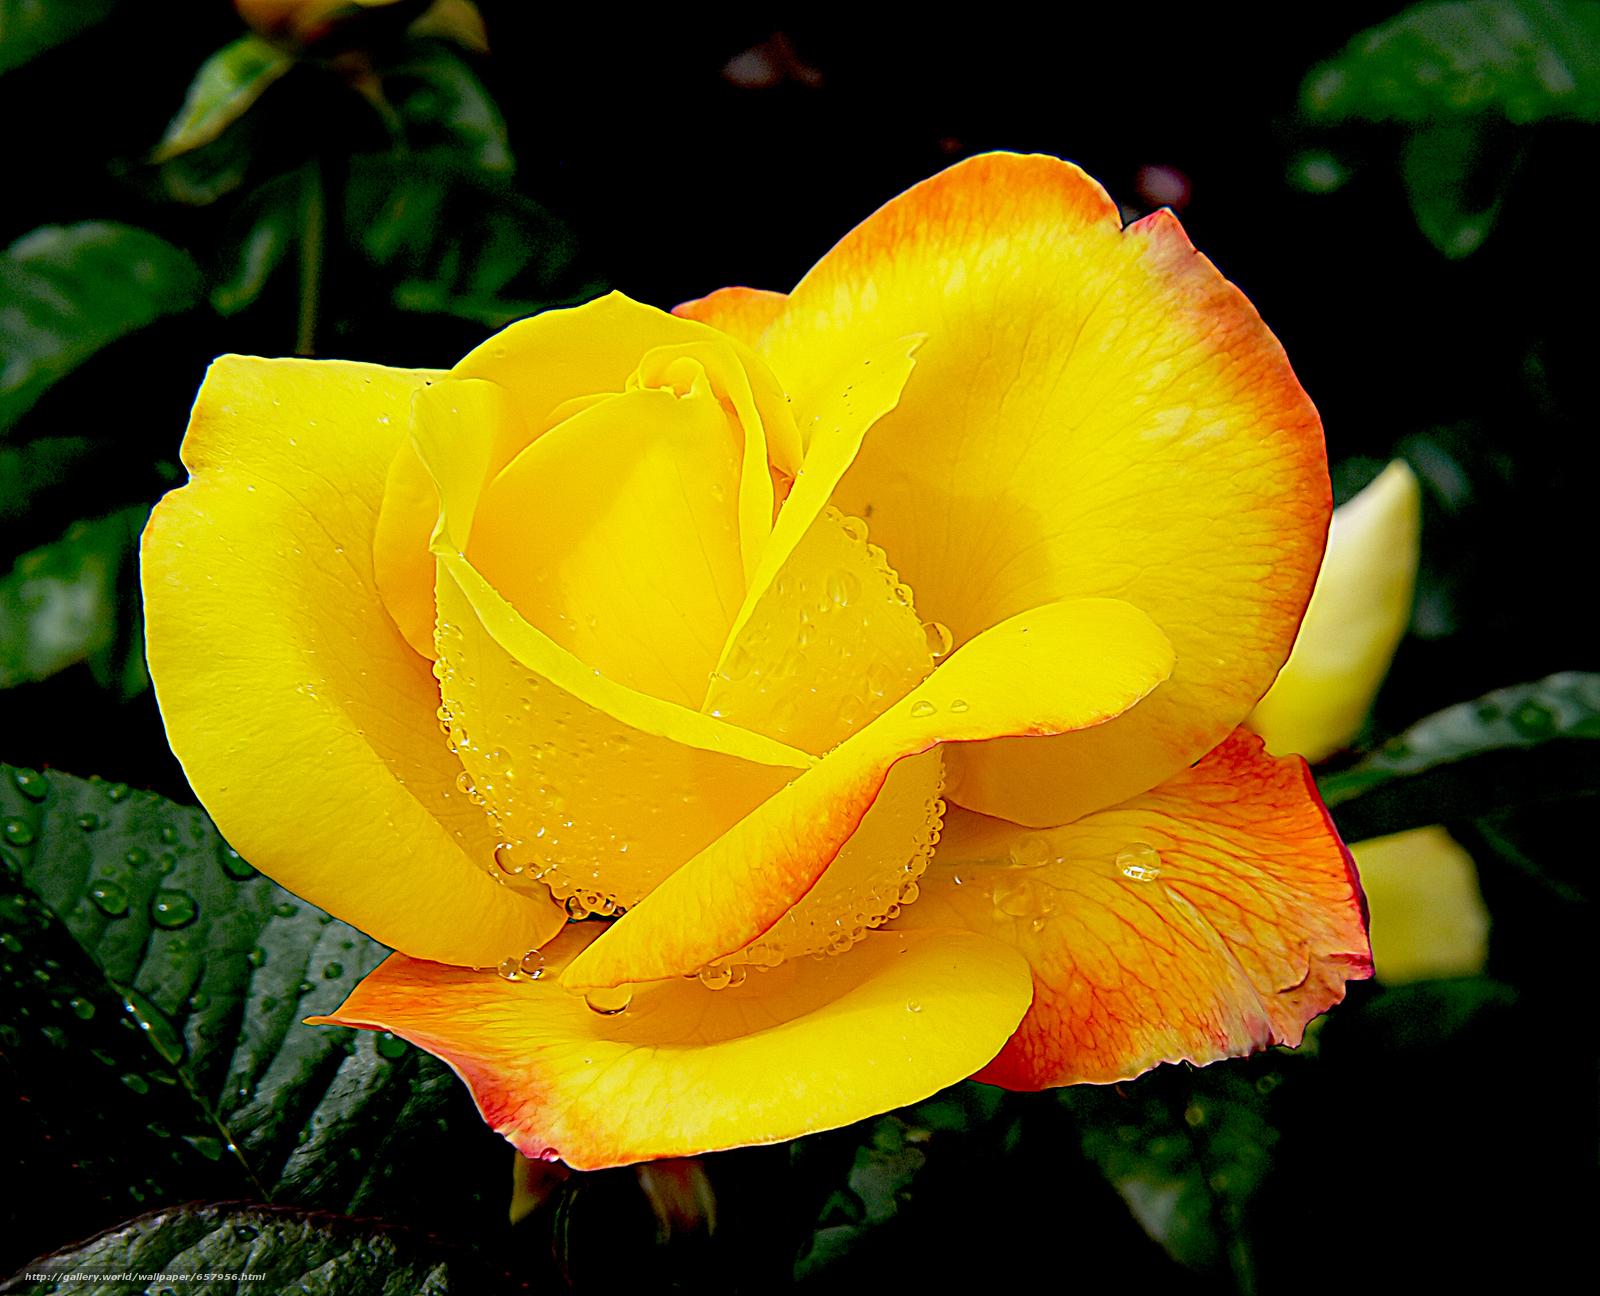 Скачать обои роза,  розы,  цветок,  цветы бесплатно для рабочего стола в разрешении 2786x2257 — картинка №657956